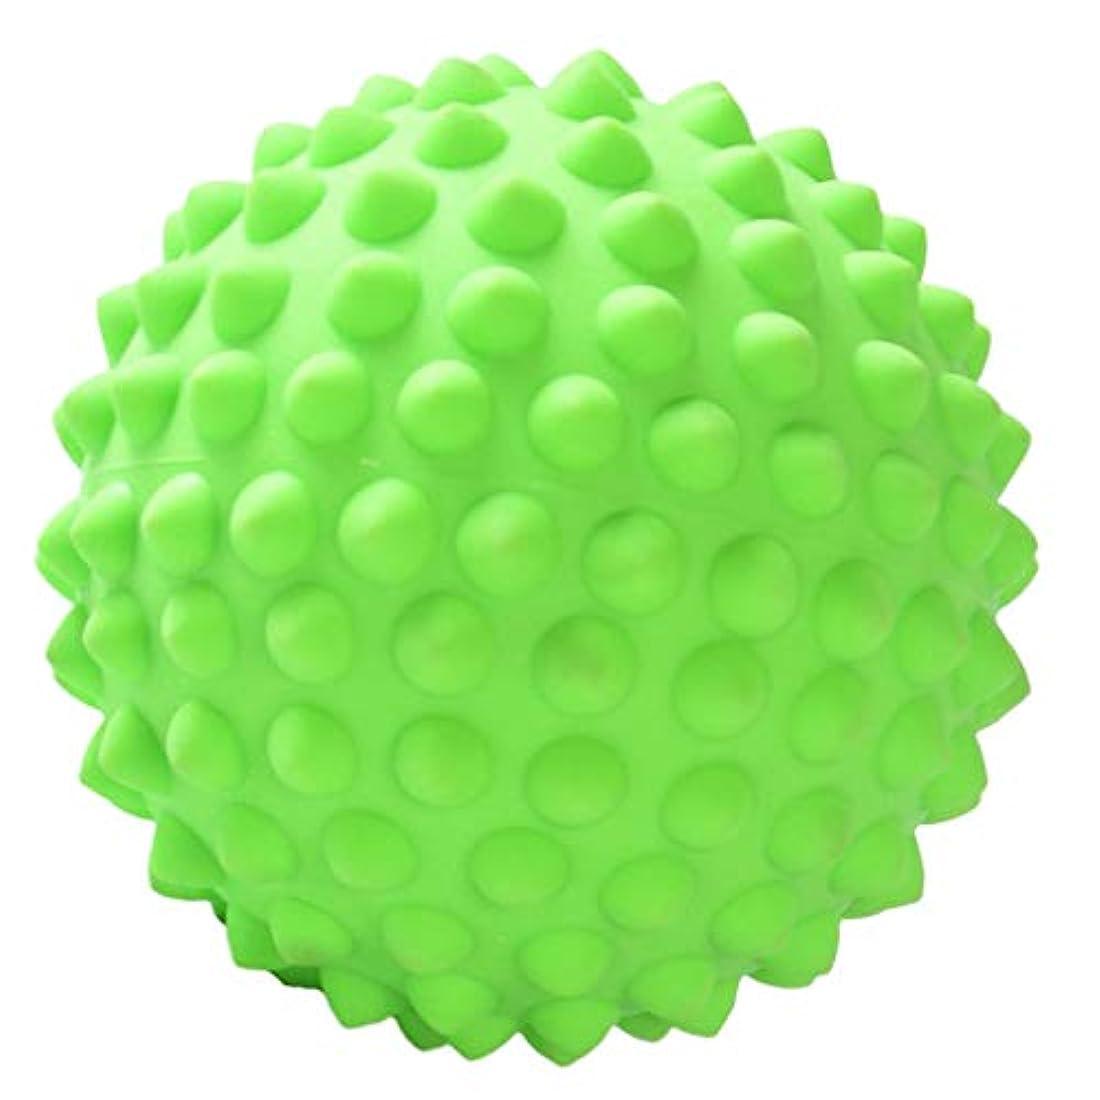 びっくり信じる受けるハードスパイキーマッサージボールボディディープティッシュリラクゼーション足底筋膜炎の救済 - 緑, 説明のとおり